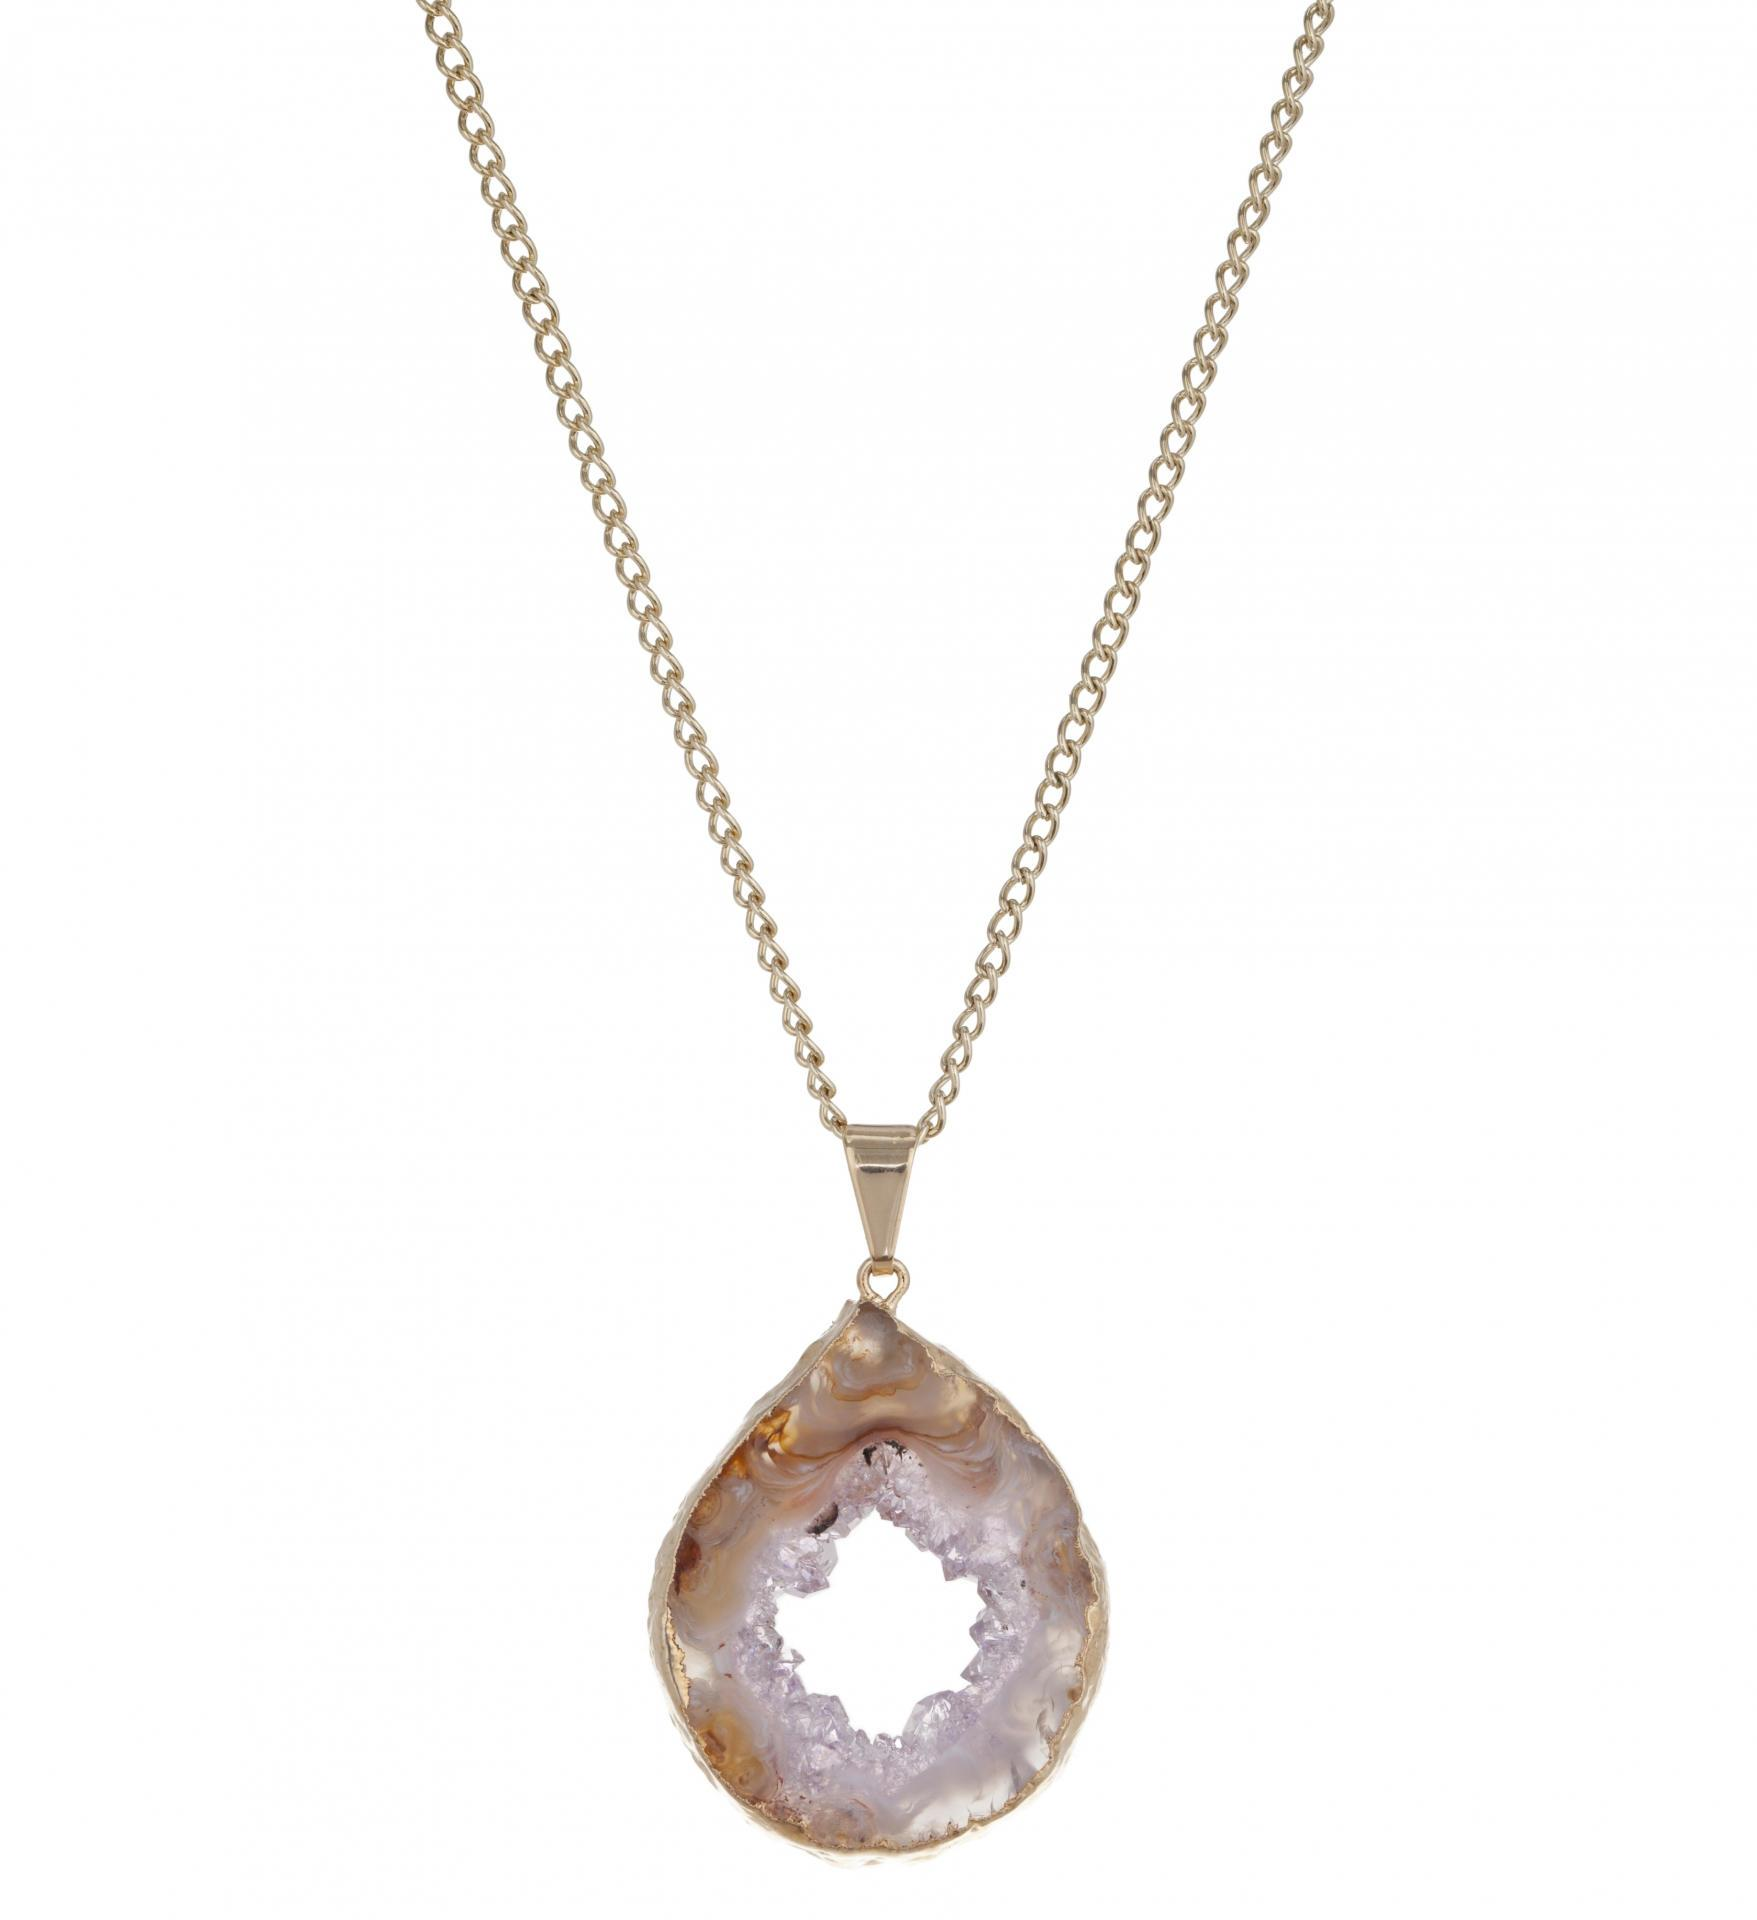 DECADORN Řetízek s přívěskem Geode Halo Natural/Gold, oranžová barva, béžová barva, zlatá barva, kov, kámen